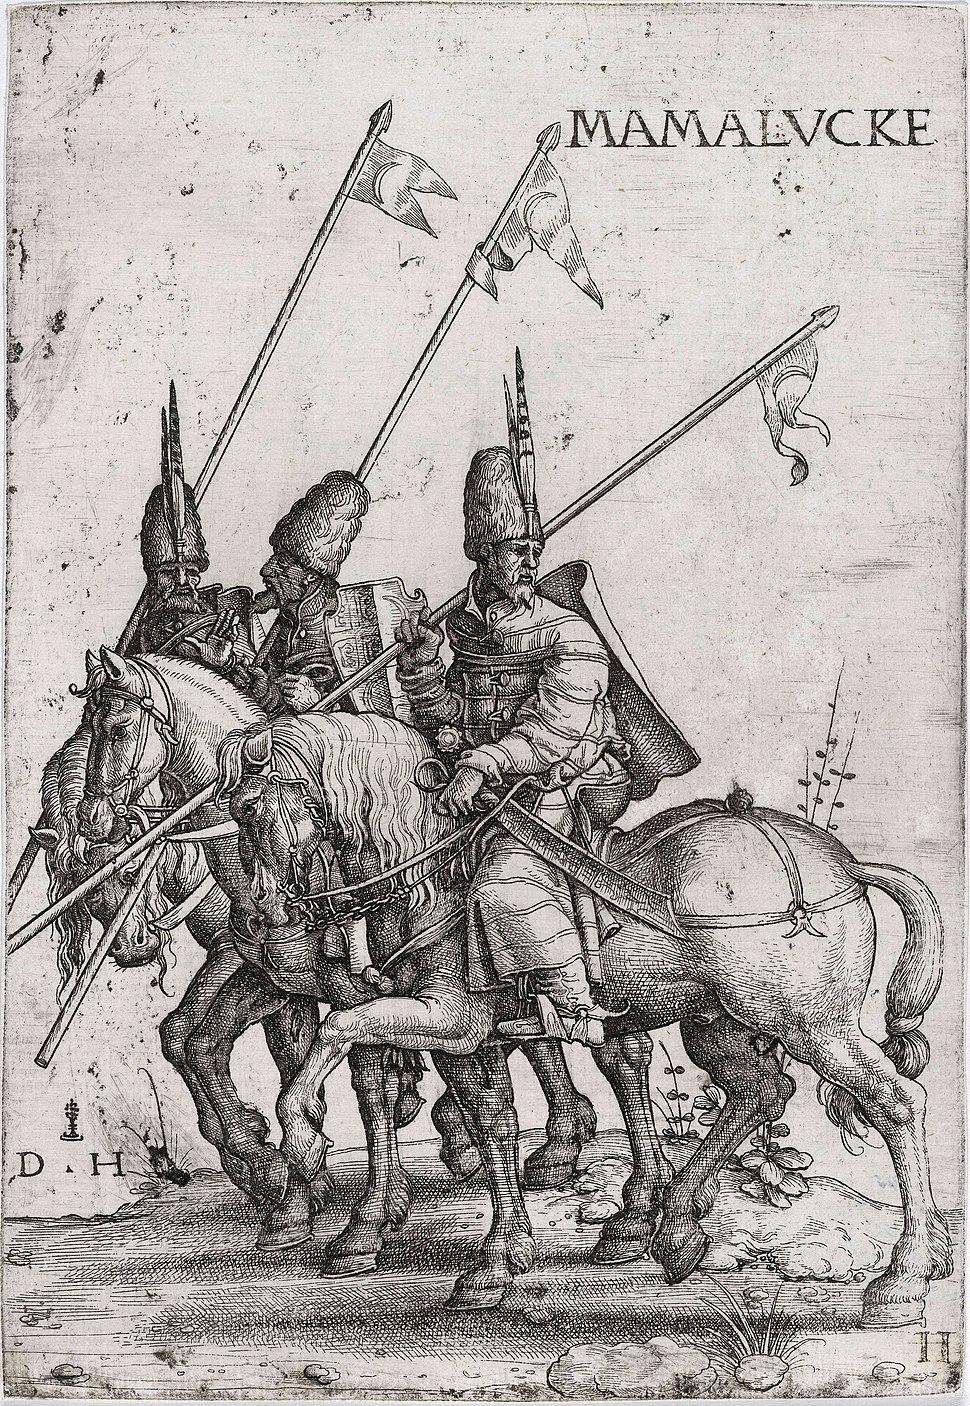 Three Mamelukes with lances on horseback